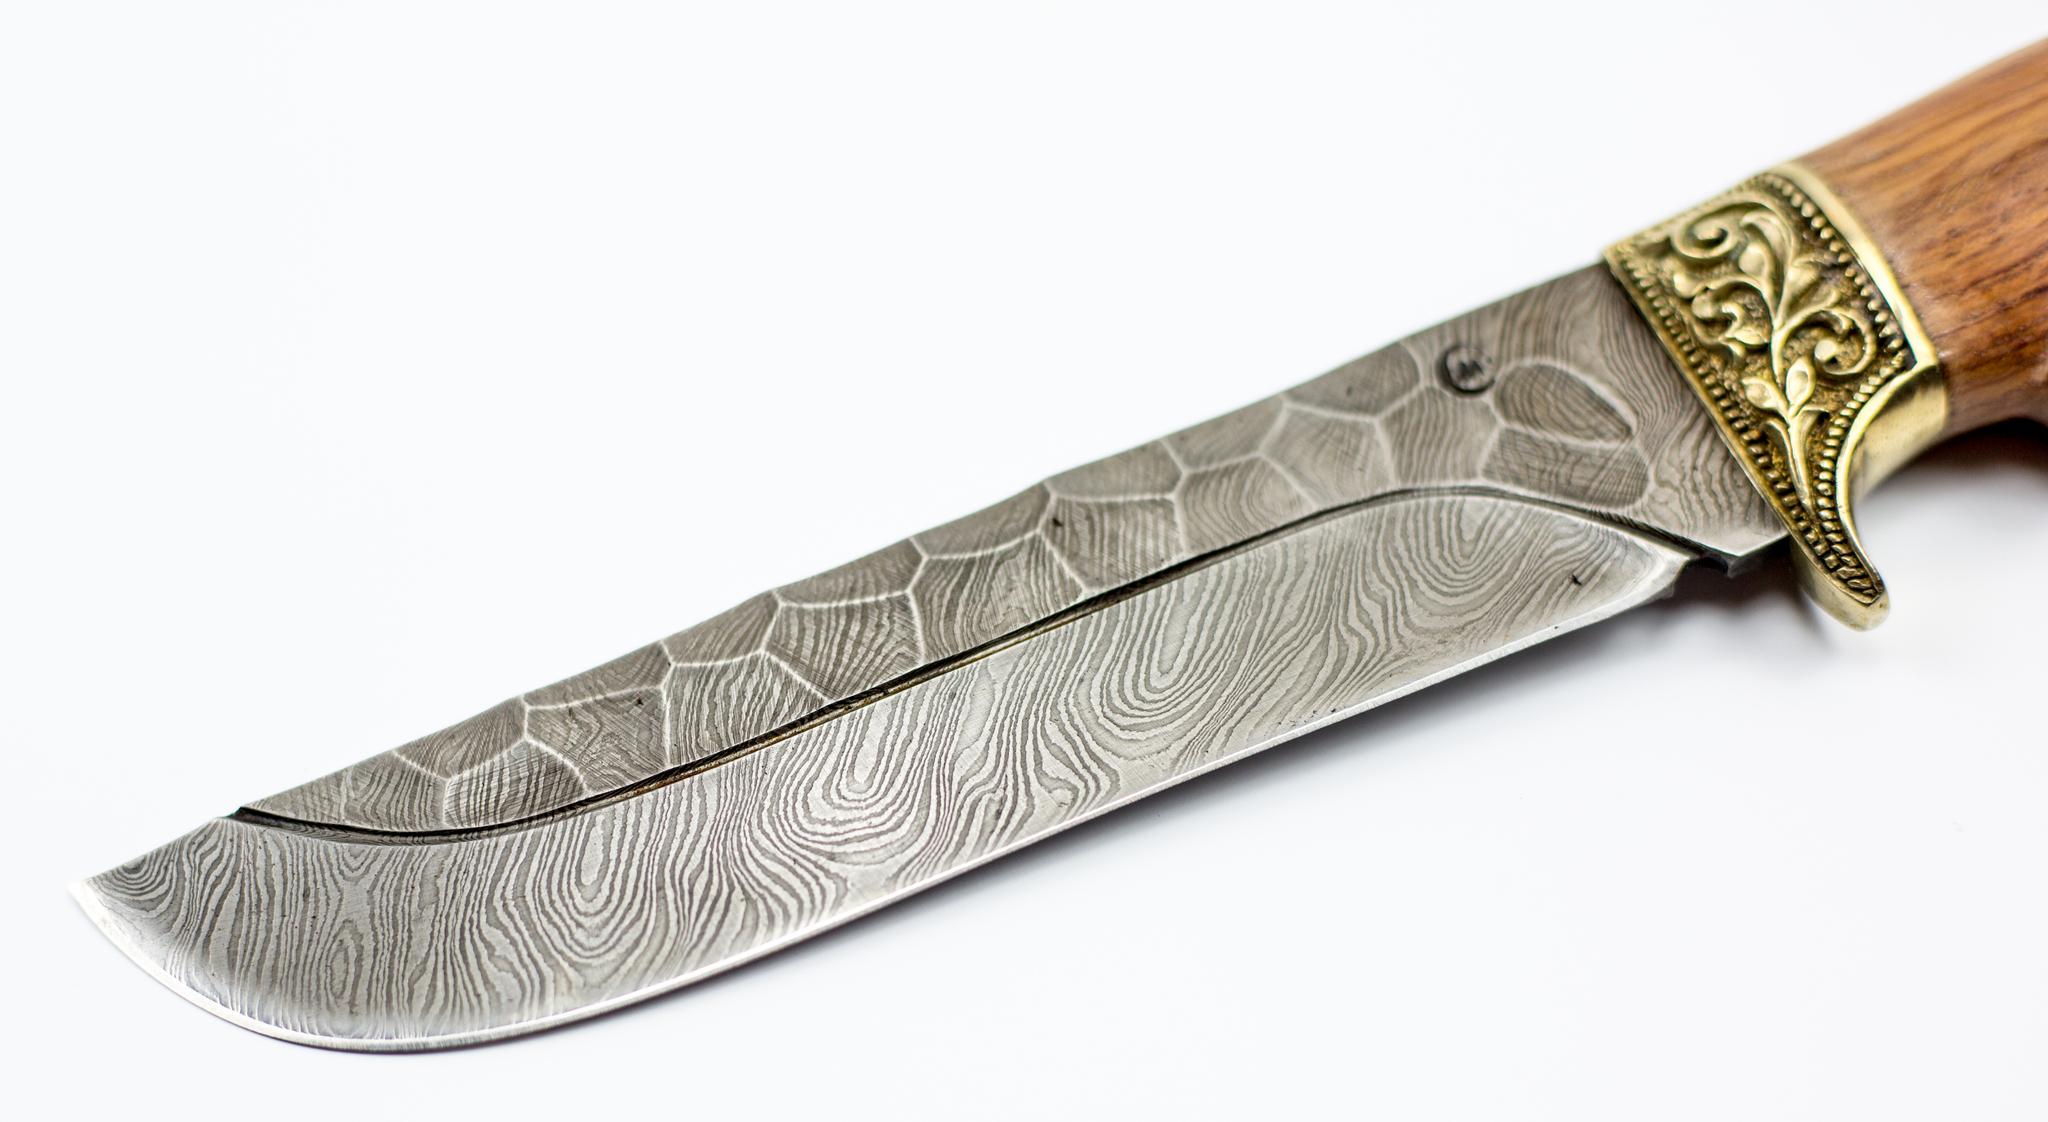 Фото 2 - Нож Варяг с резной рукоятью, дамасская сталь, литье от Кузница Семина